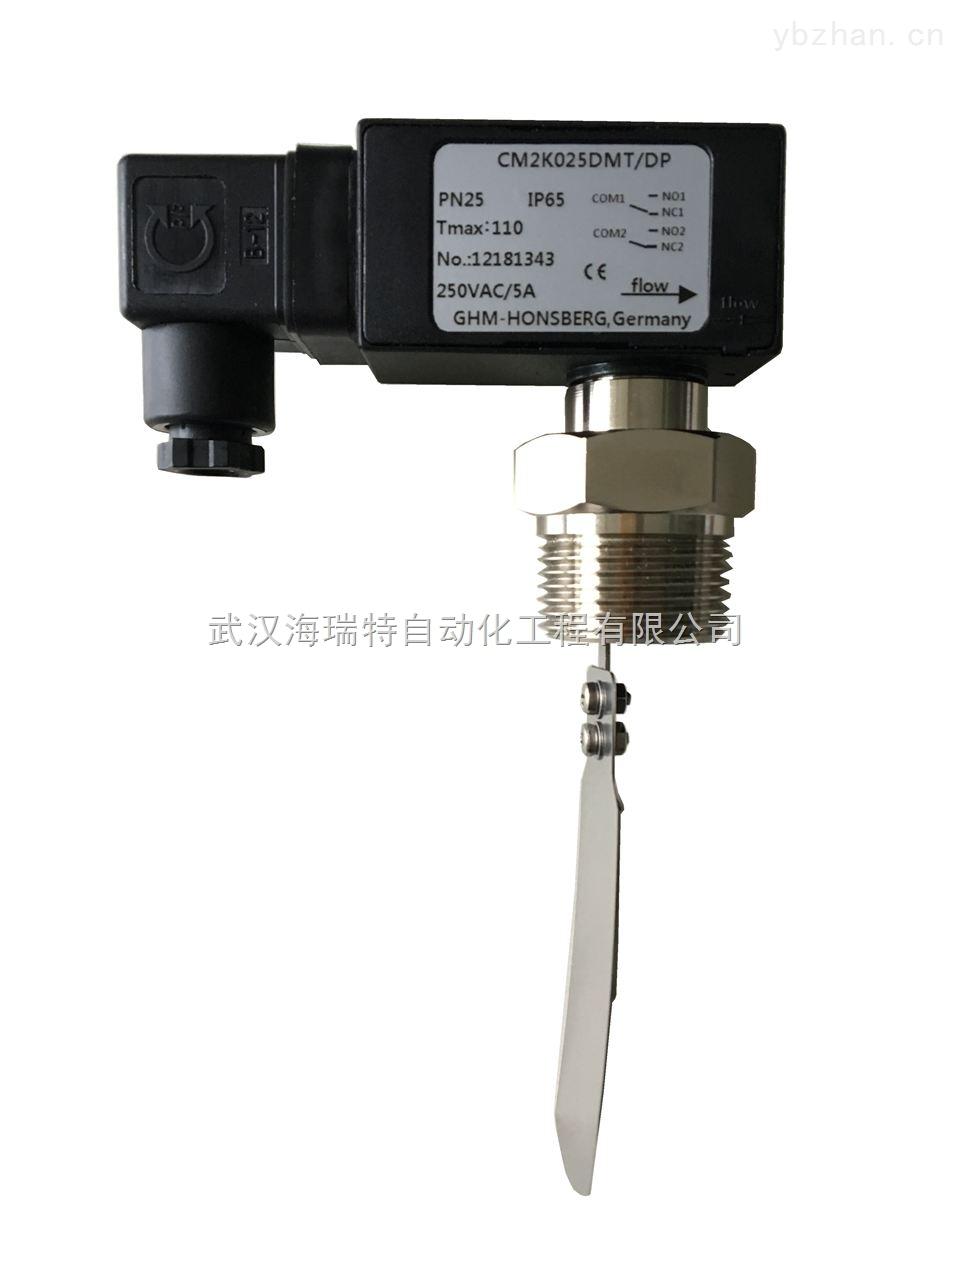 HRT流量开关CM2K-025DMT/DP